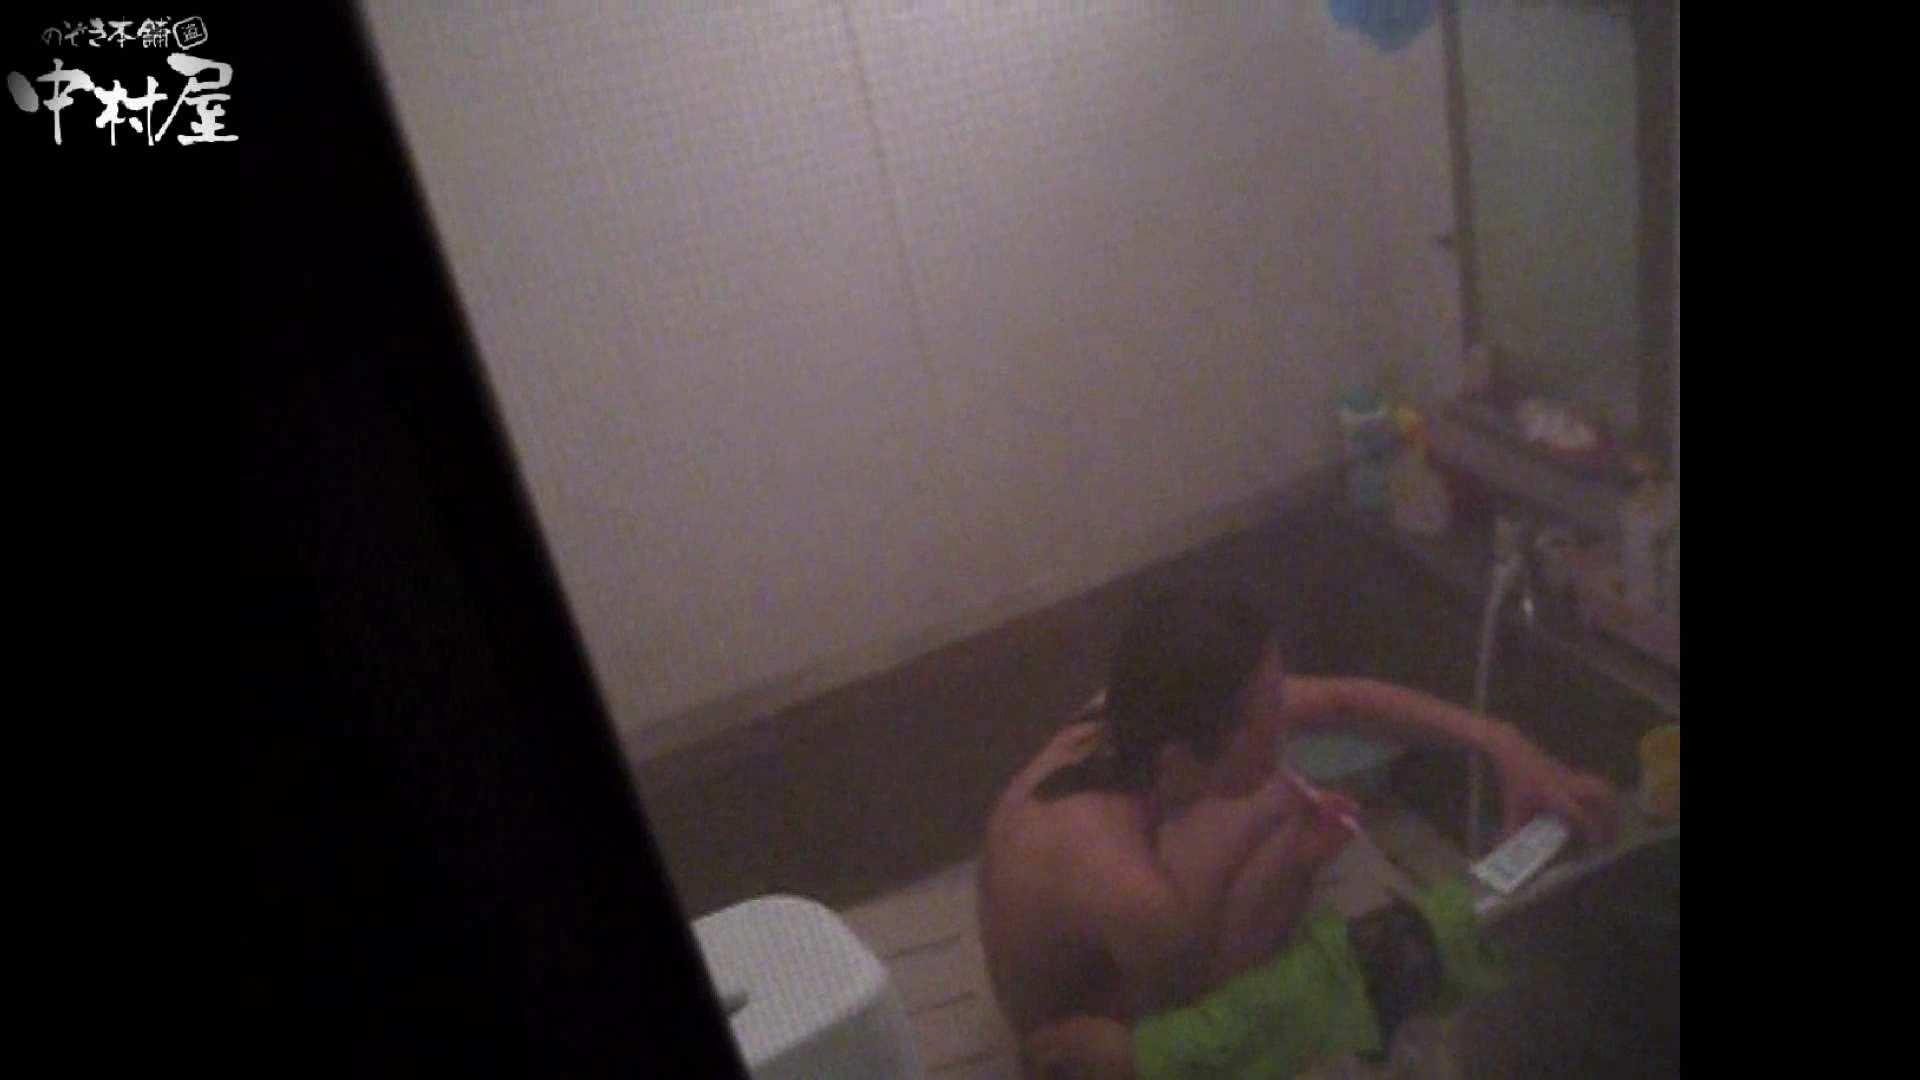 民家風呂専門盗撮師の超危険映像 vol.020 エロい美少女 セックス画像 93PIX 44